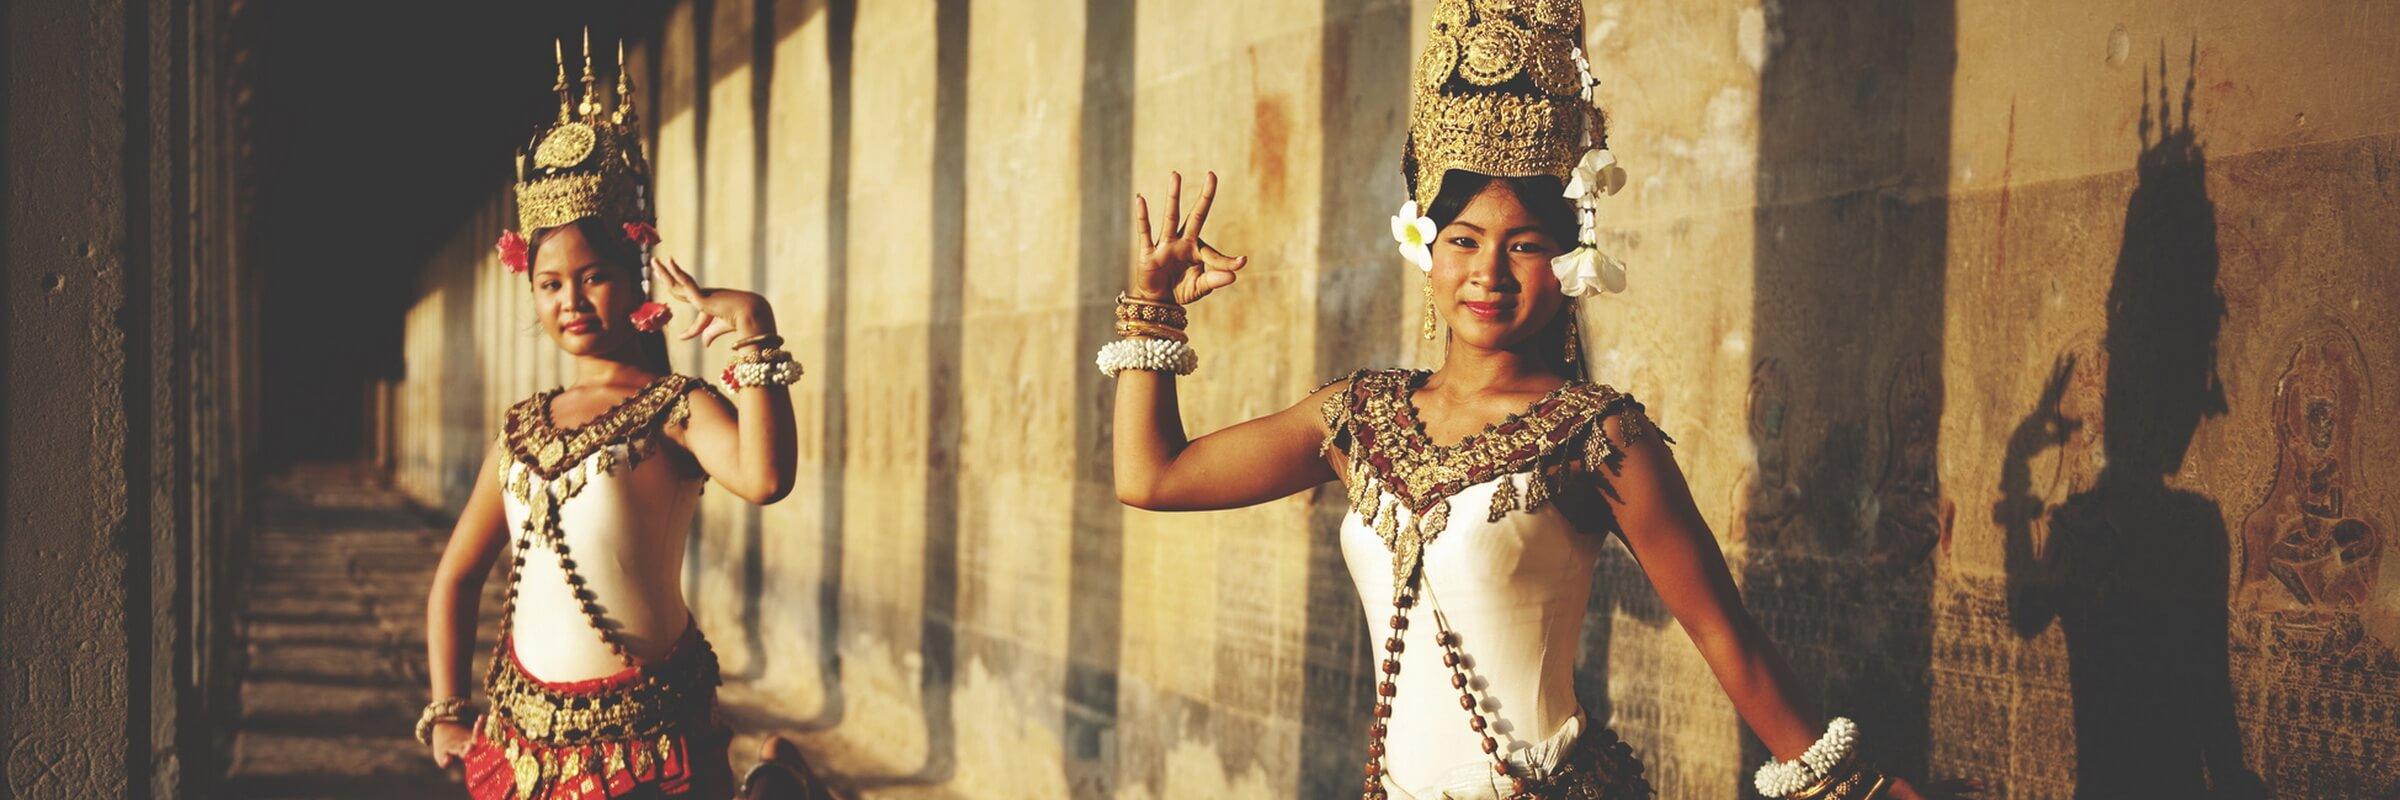 Die Tradition des höfischen Tanzes in Kambodscha wird oft auch Apsara-Tanz genannt und geht auf den Königshof in Angkor zurück.